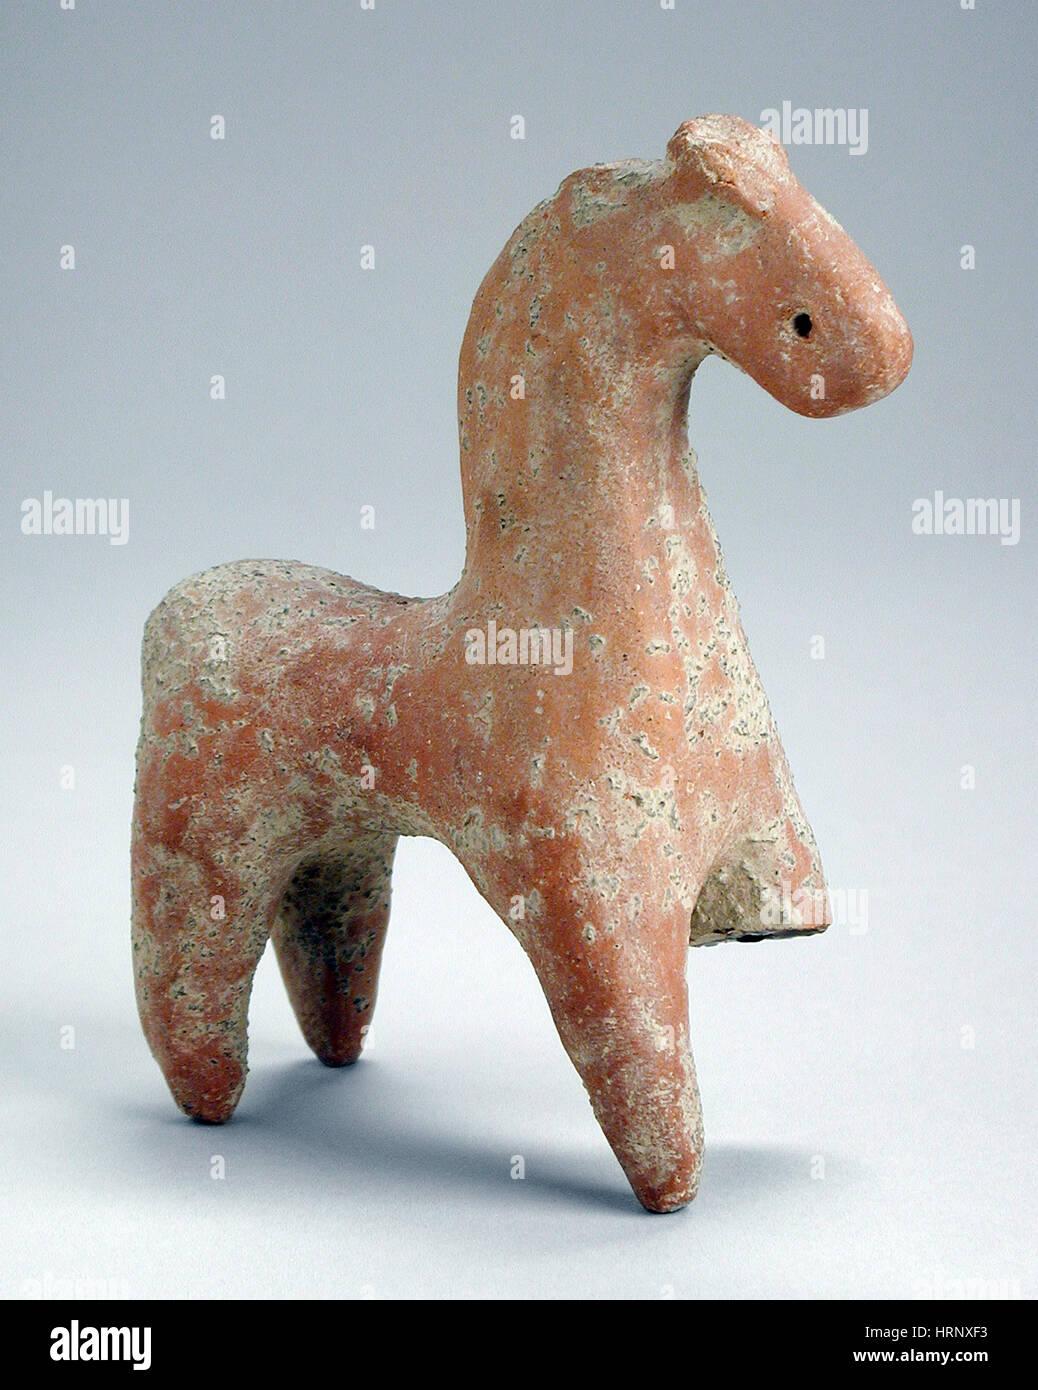 Cavallo Giocattolo, I secolo A.C. - I secolo d.c. Immagini Stock